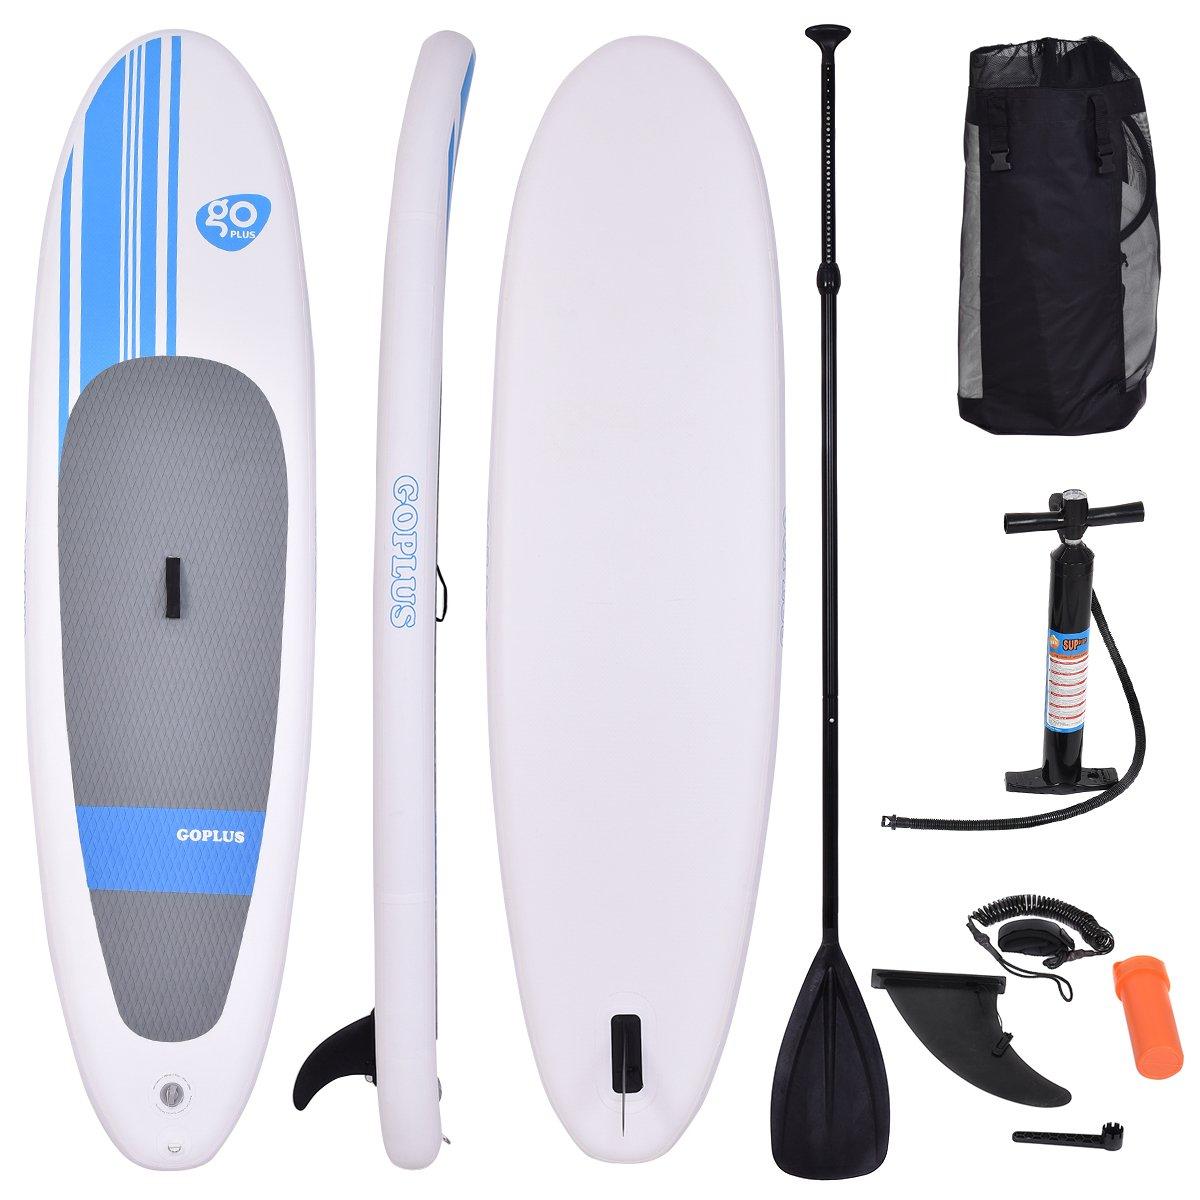 Goplus Paddelboard Surfboard Sup-Board Paddelbrett Stand Up Board ...